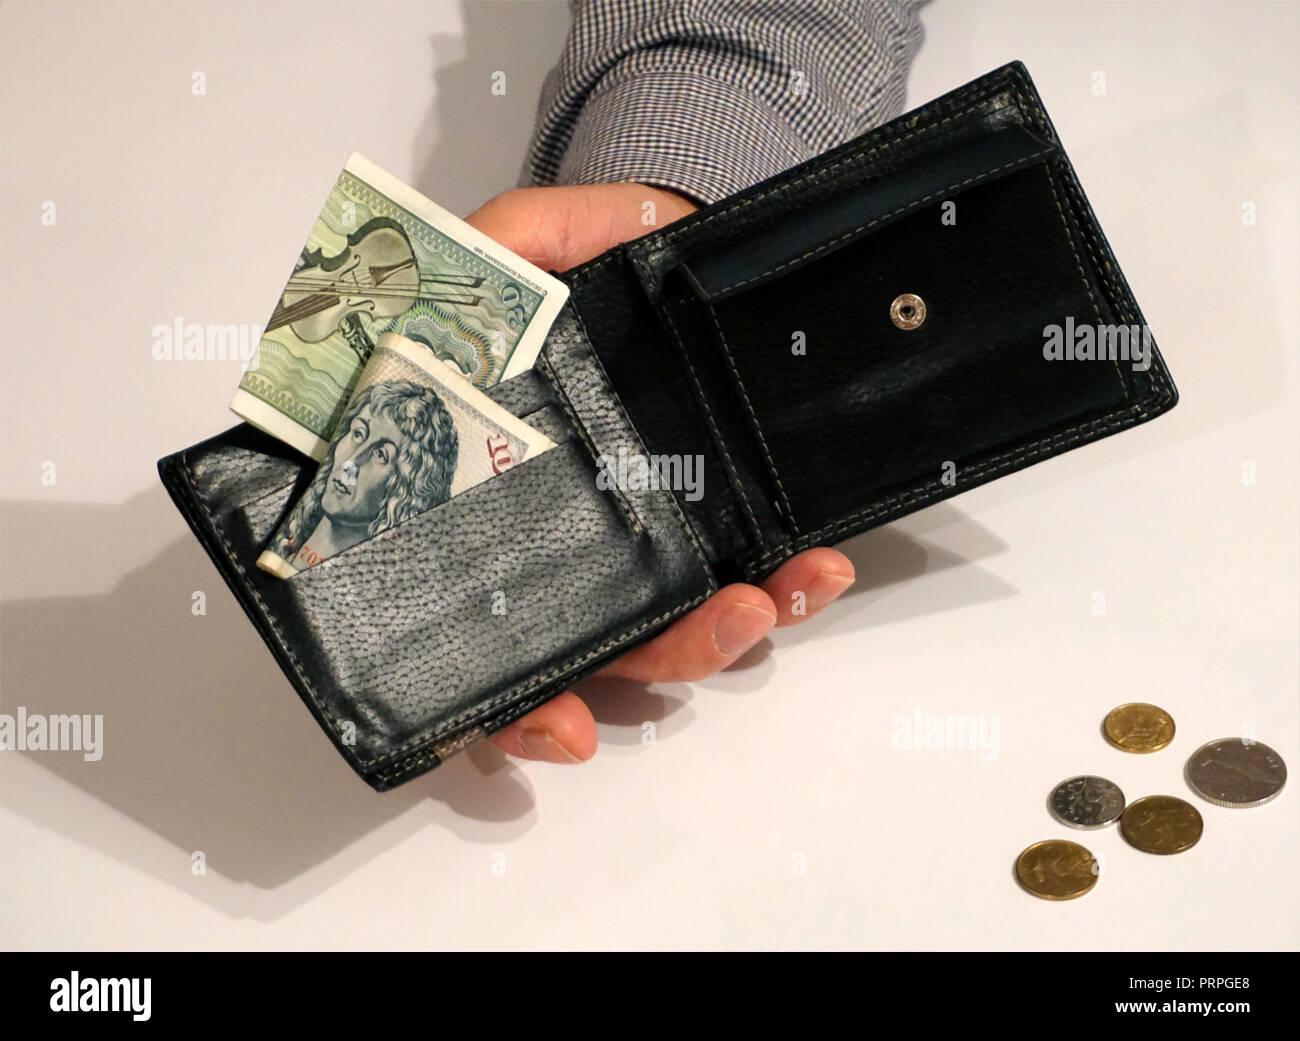 Schwarzen Mappe In Männlicher Hand Mit Einigen Papiergeld Und Münzen